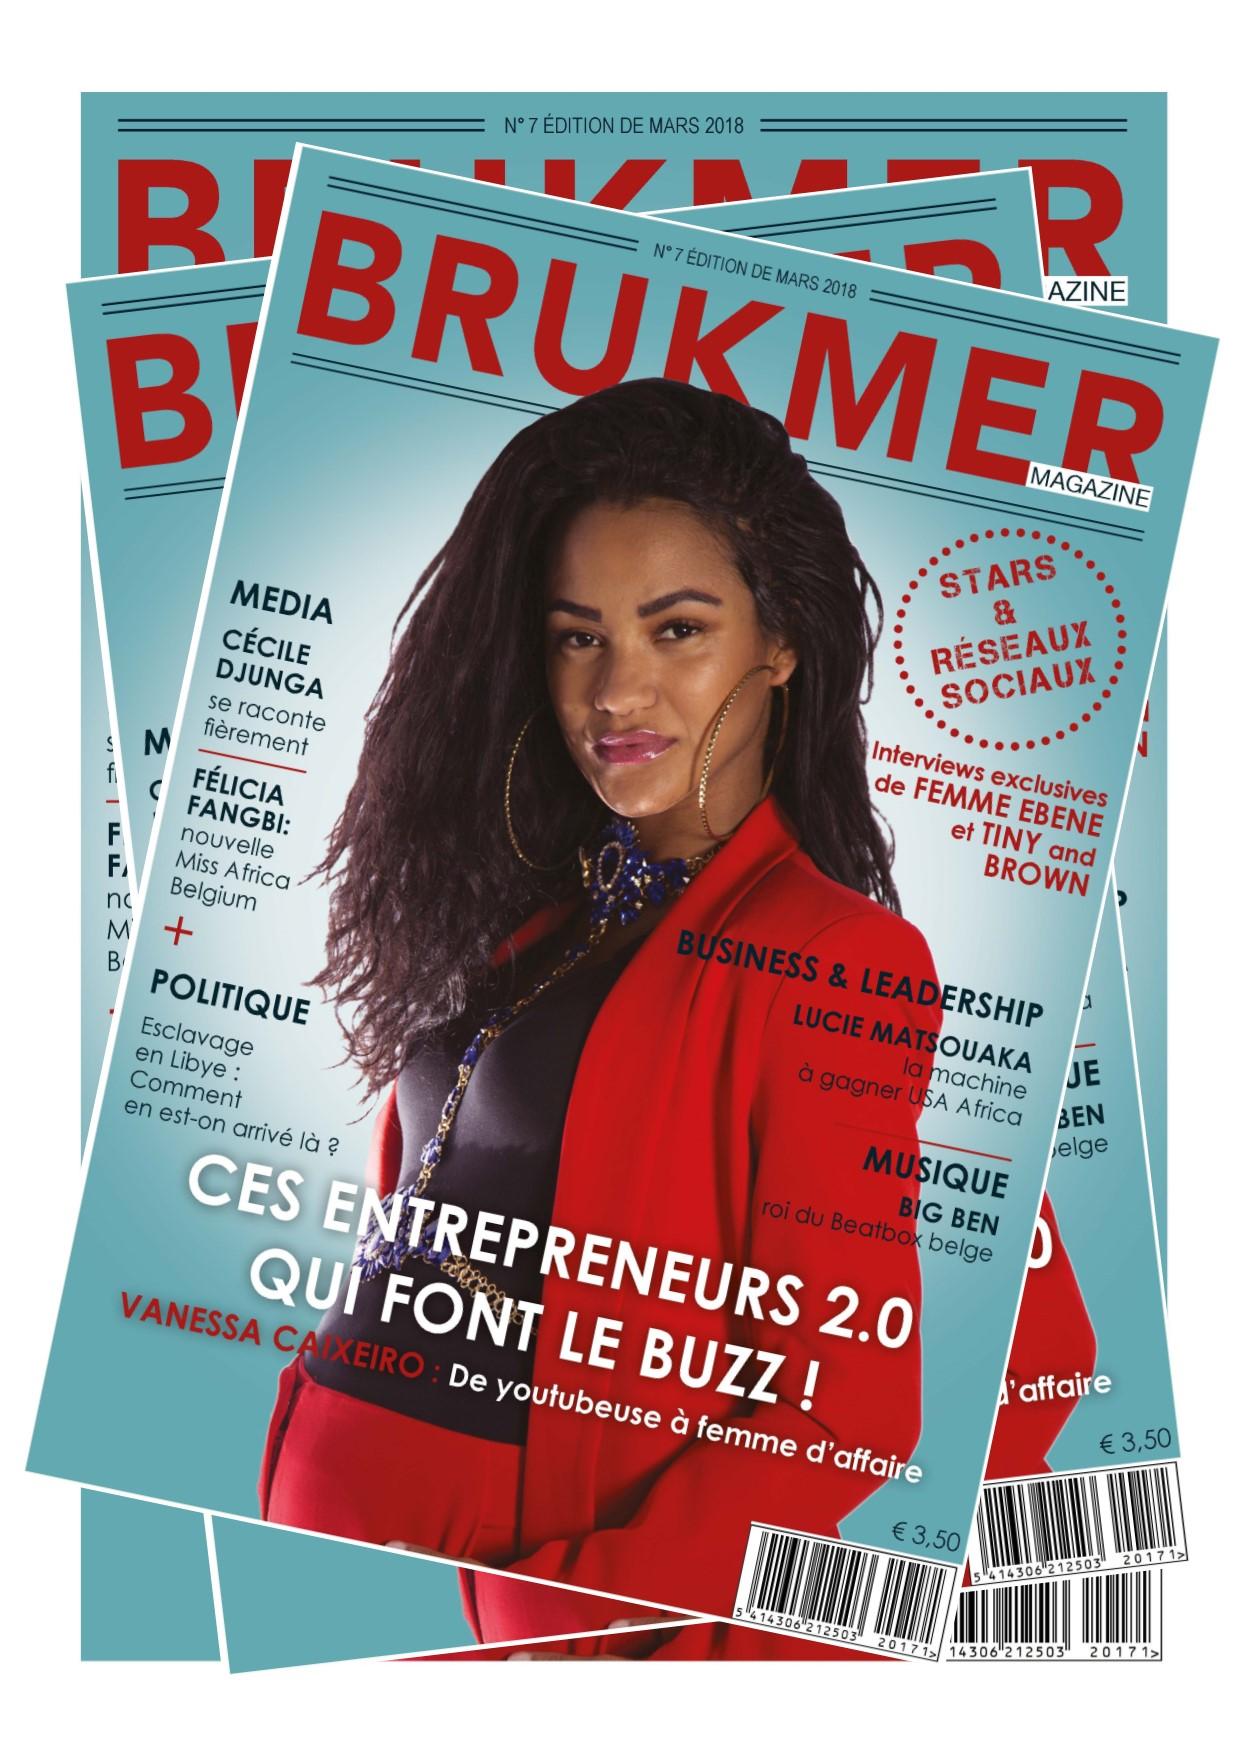 brukmer magazine mars 2018